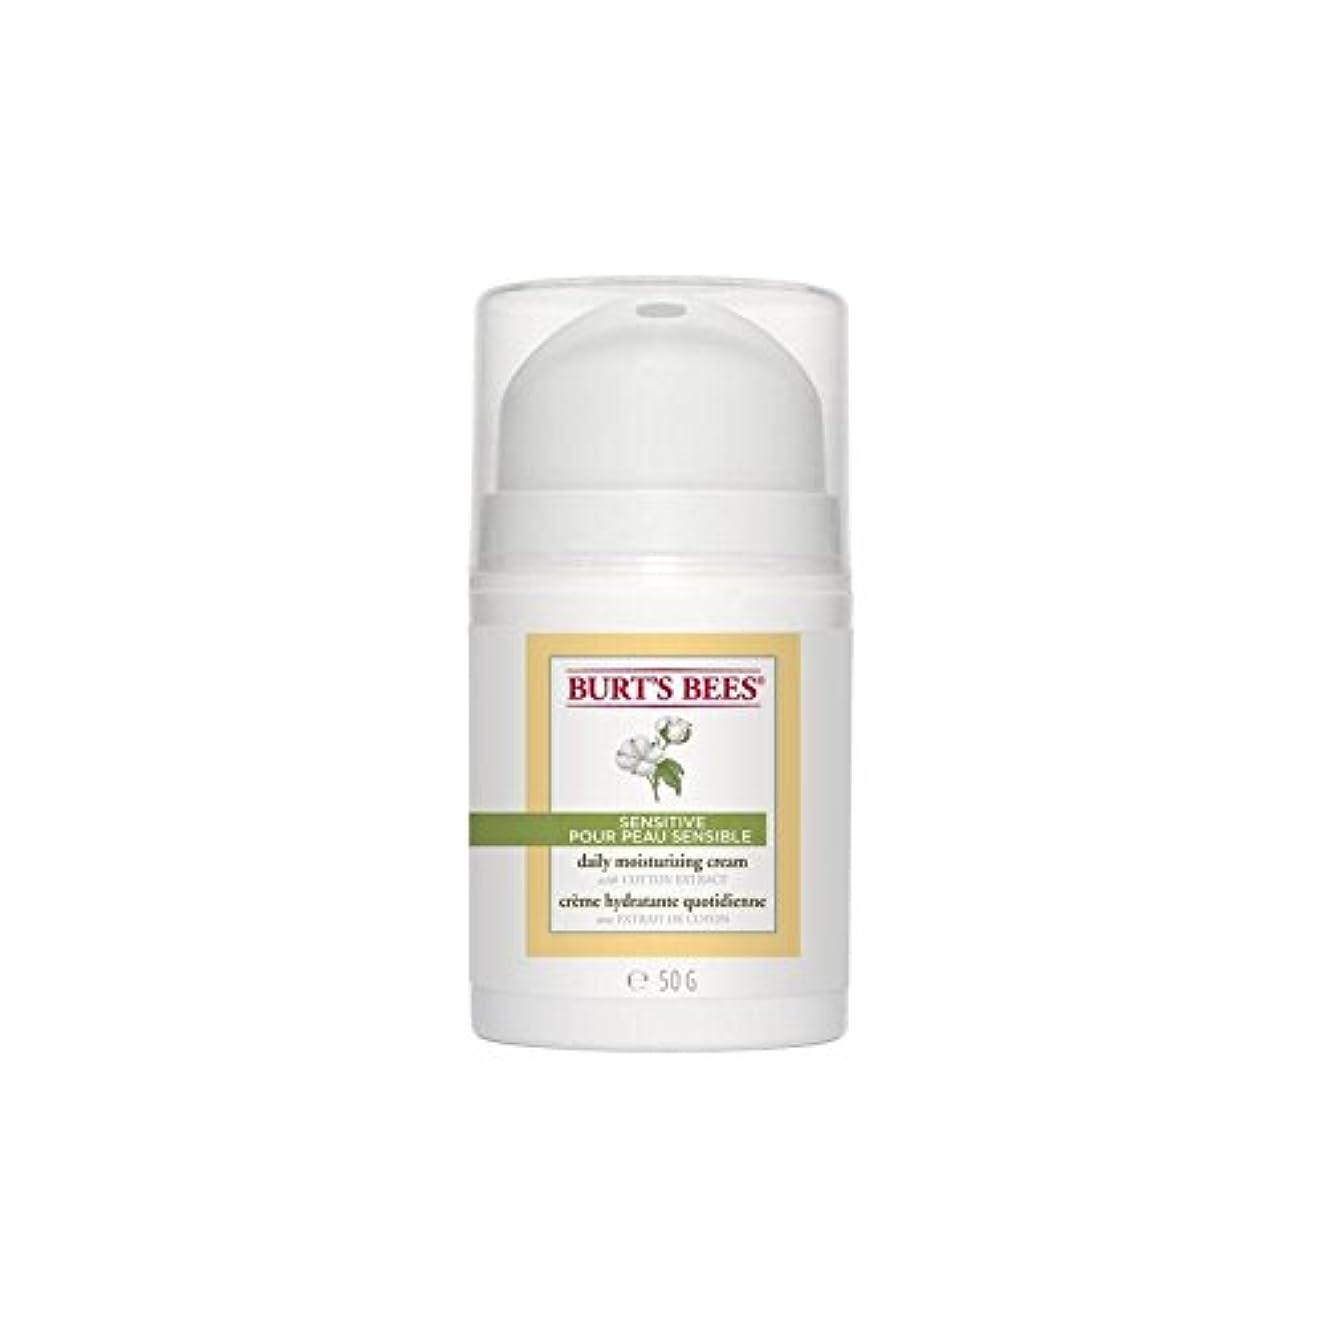 マトロン拷問エジプト人バーツビー敏感毎日保湿クリーム50グラム x2 - Burt's Bees Sensitive Daily Moisturising Cream 50G (Pack of 2) [並行輸入品]